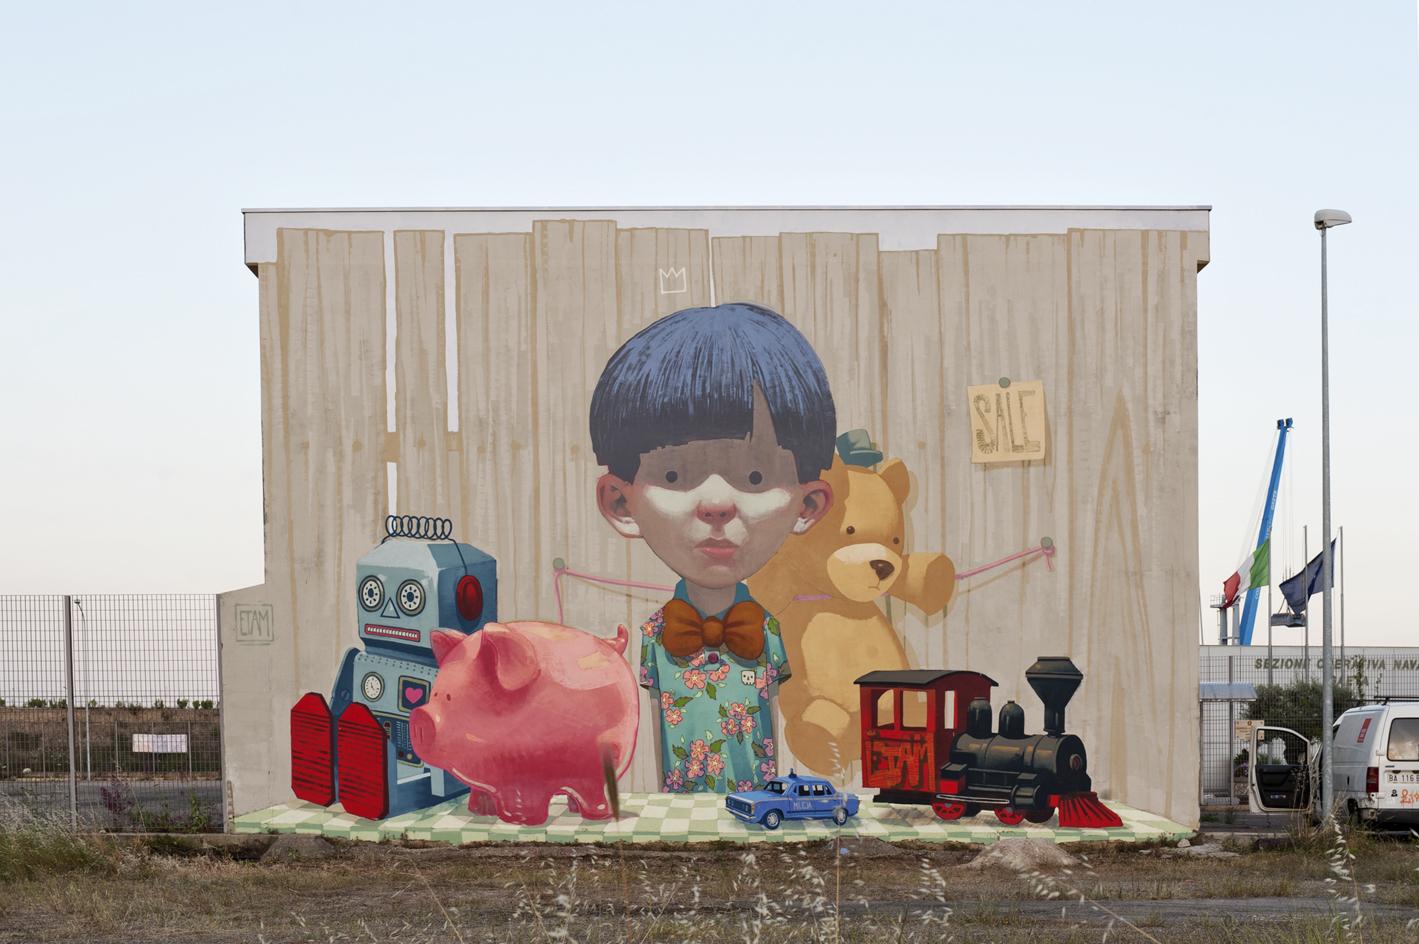 etam-cru-new-mural-for-memorie-urbane-festival-2014-15